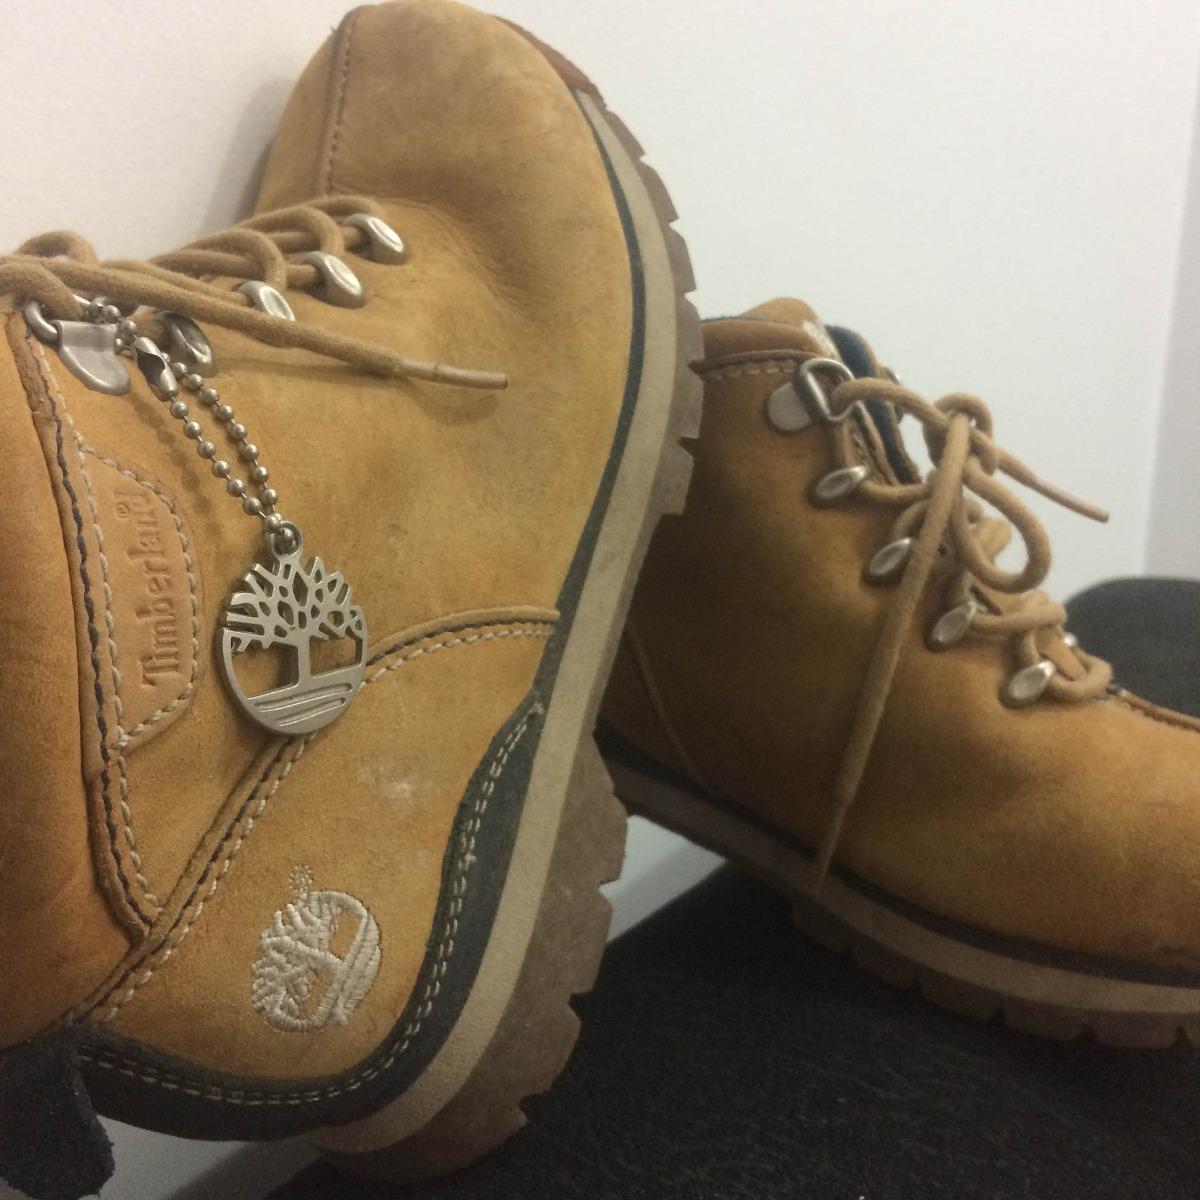 U 100Originales 99 s Timberland 99 Hoy Para Zapatos Niño oredCxB